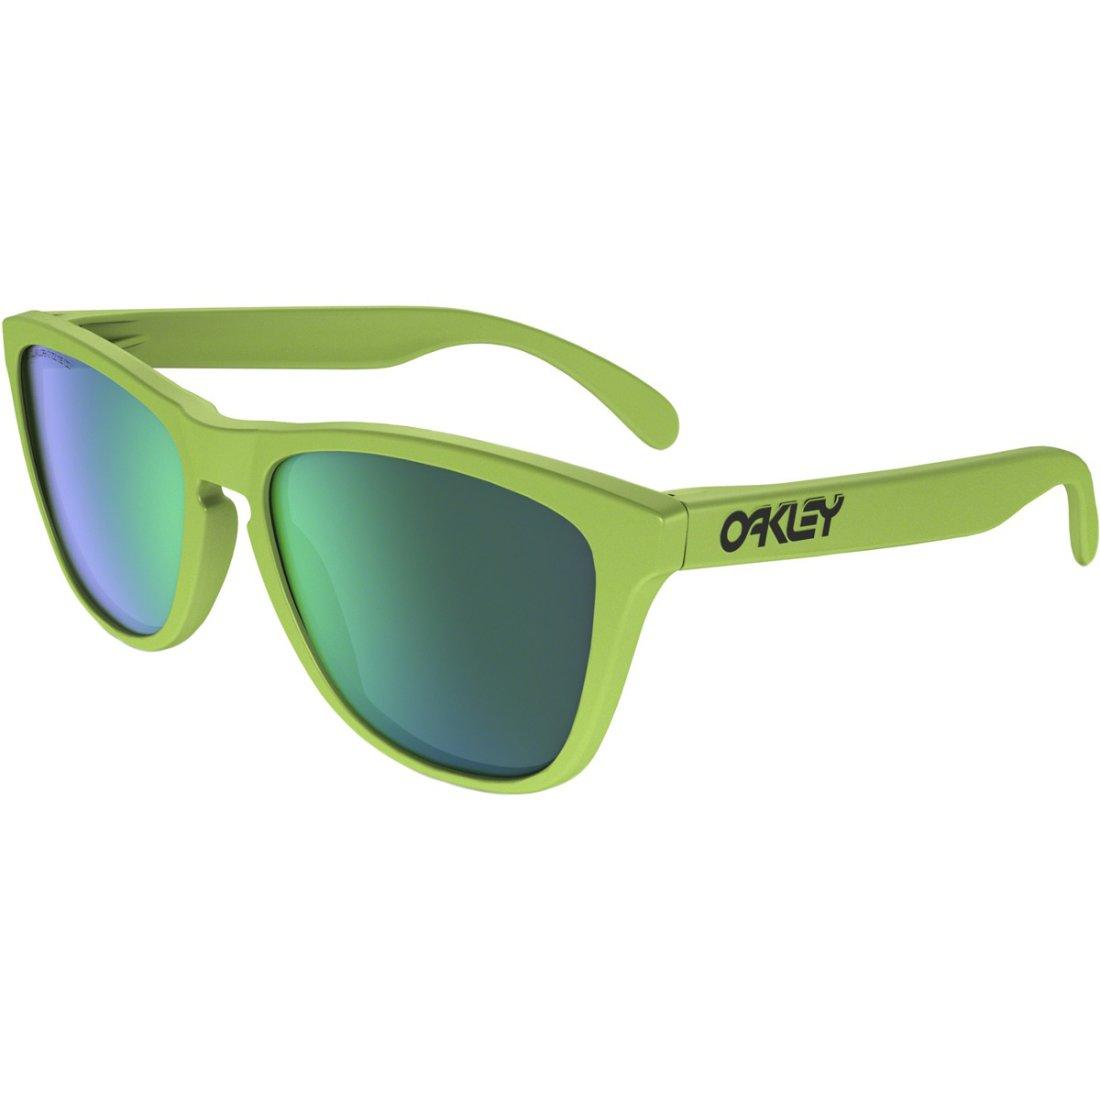 Oakley Brille Frogskins - Matte Fern Jade Iridium Polarized YcckXCn